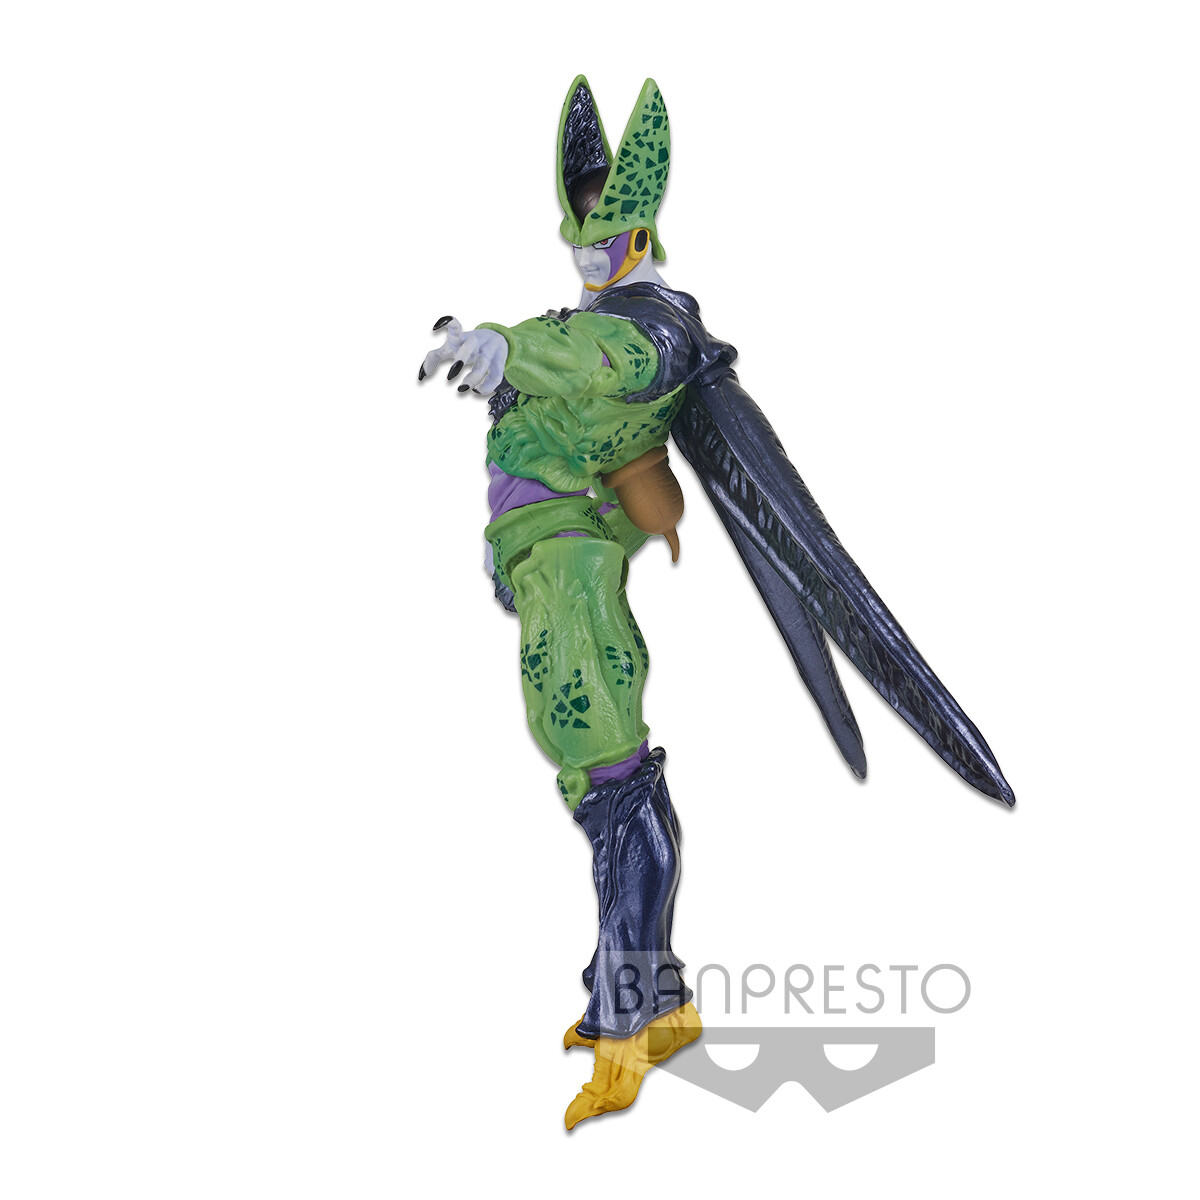 PRE-ORDER Banpresto Dragonball Z BWFC Vol. 4 Perfect Cell